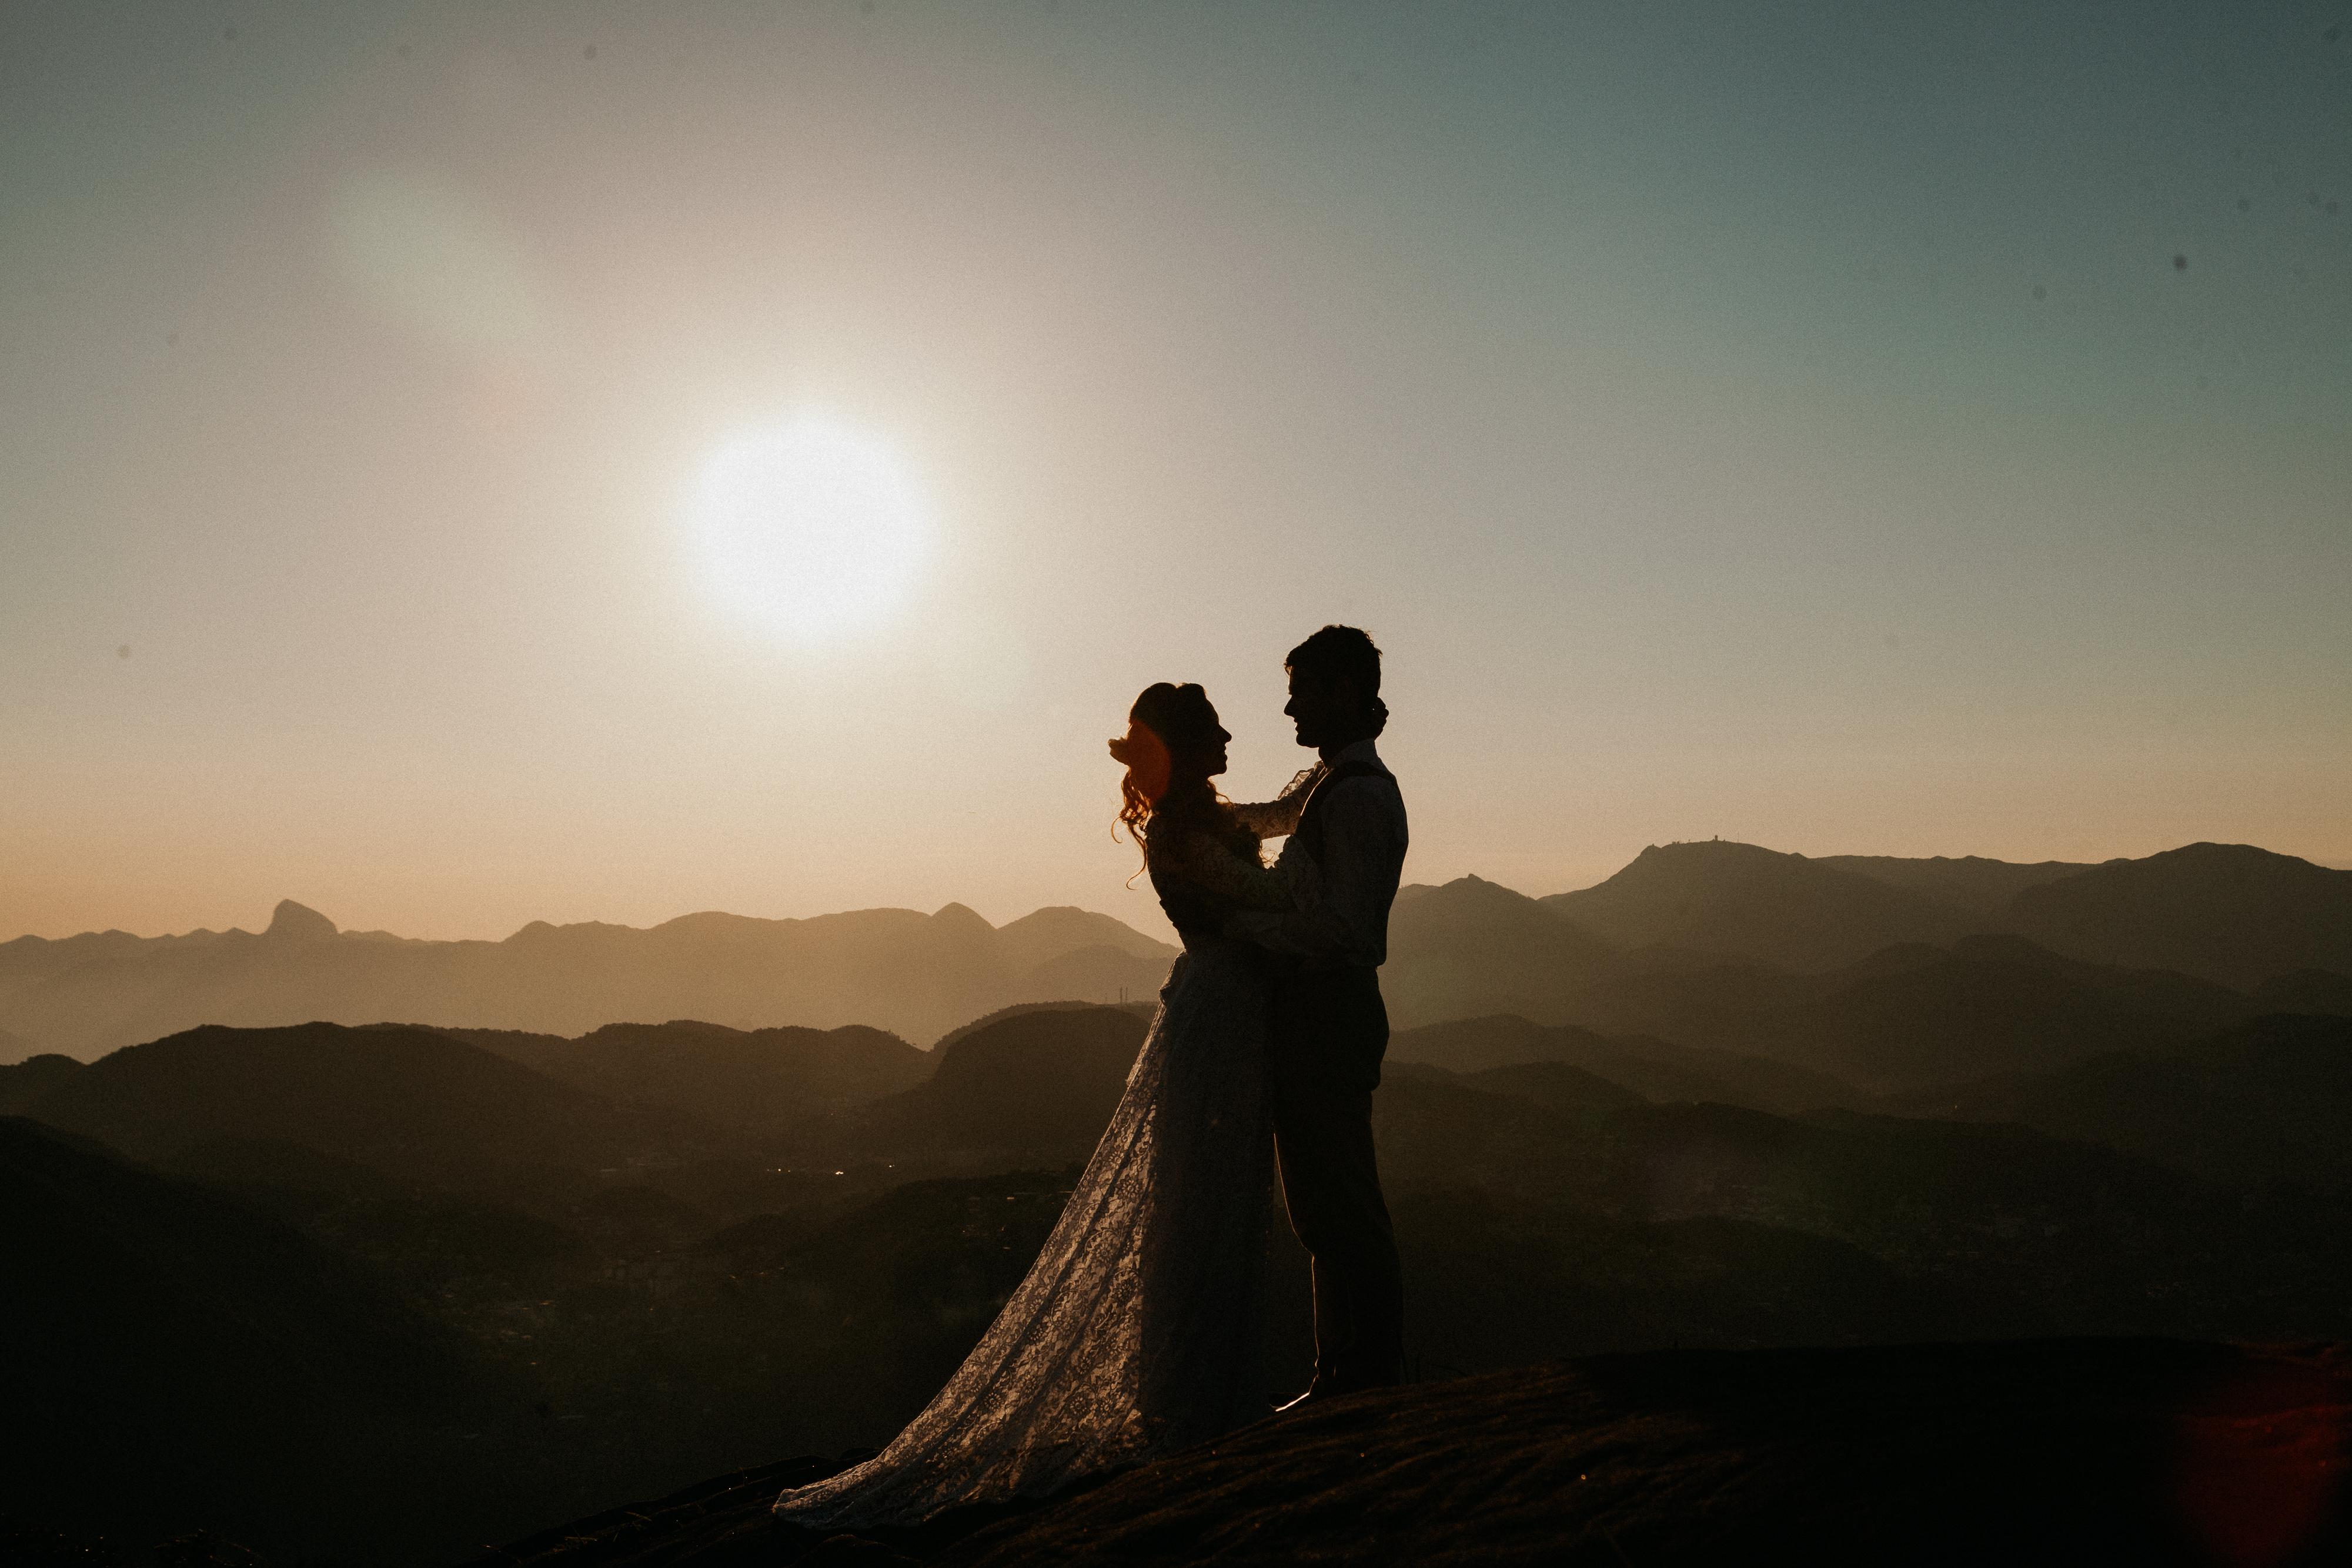 Contate Fotografo de casamentos em Petrópolis Rio de Janeiro e Mundo